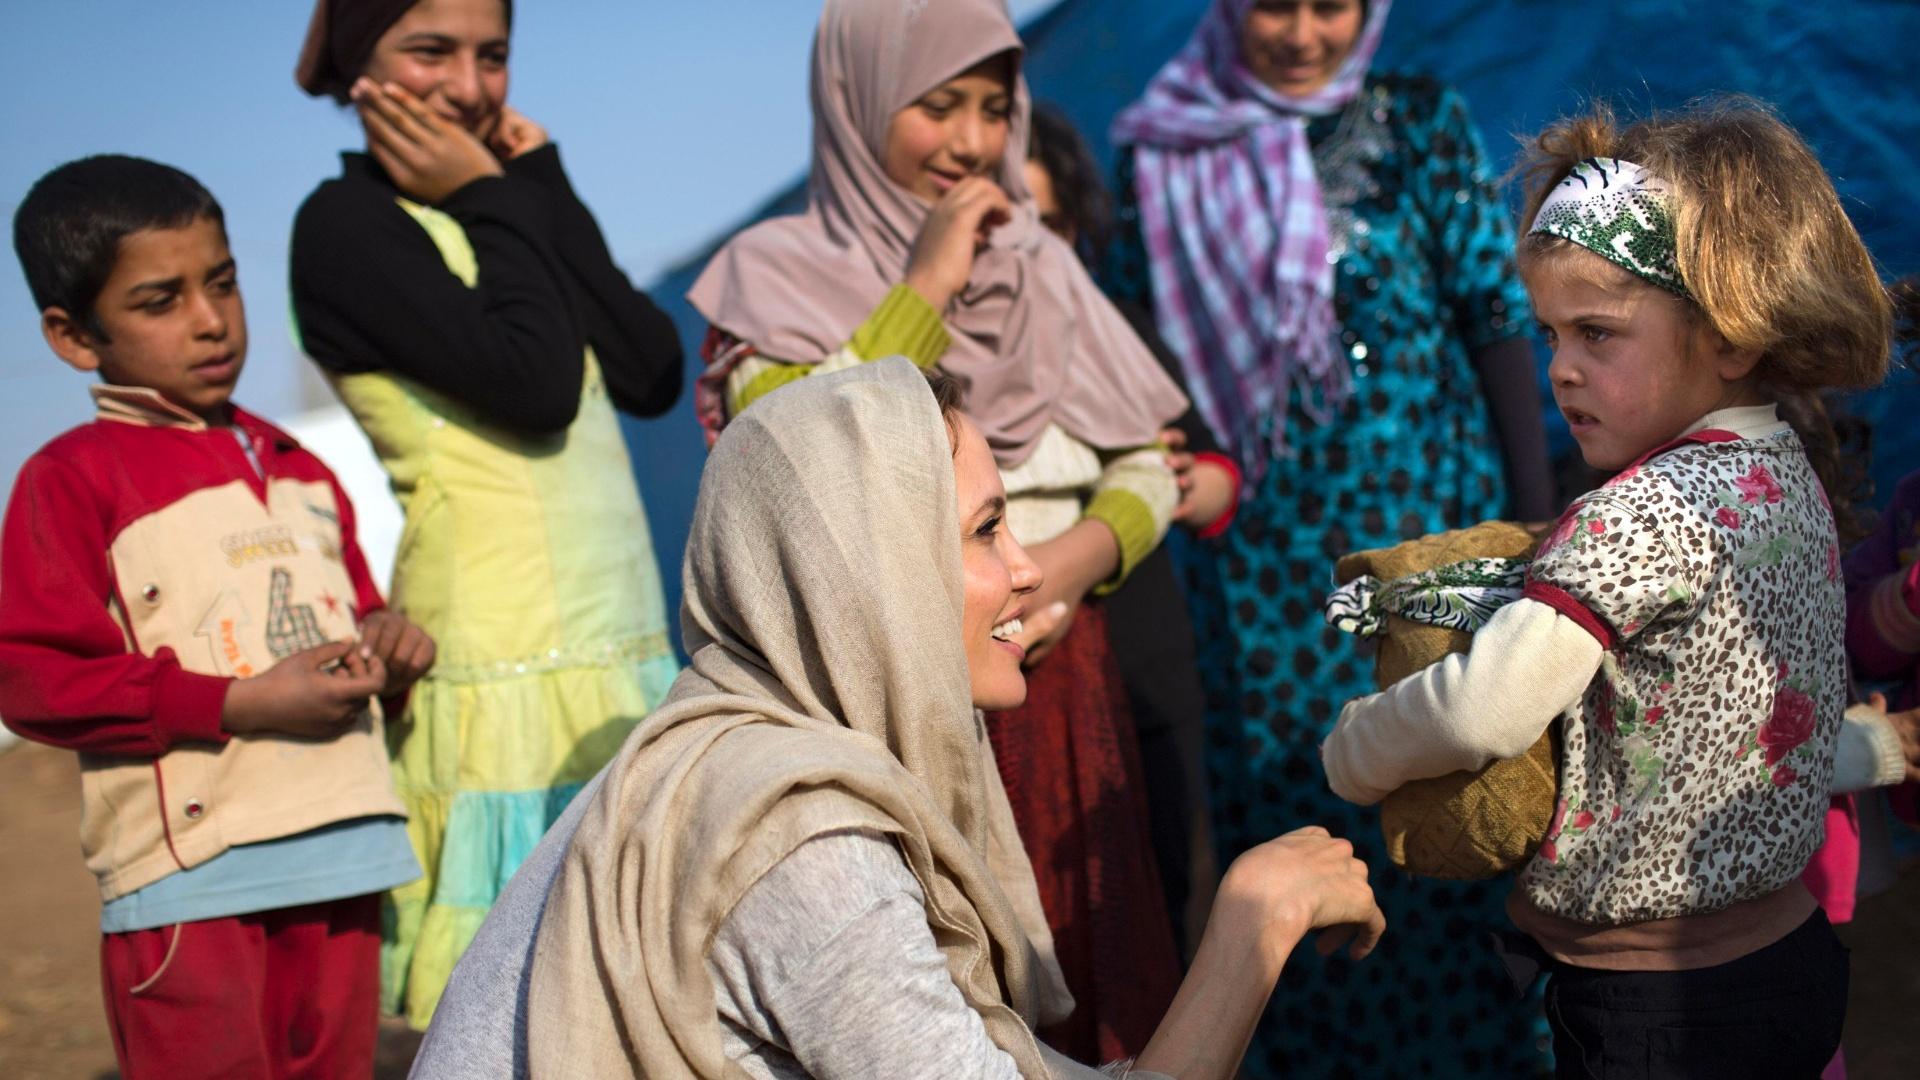 24.fev.2014 - Angelina Jolie visita crianças crianças sírias refugiadas no Líbano